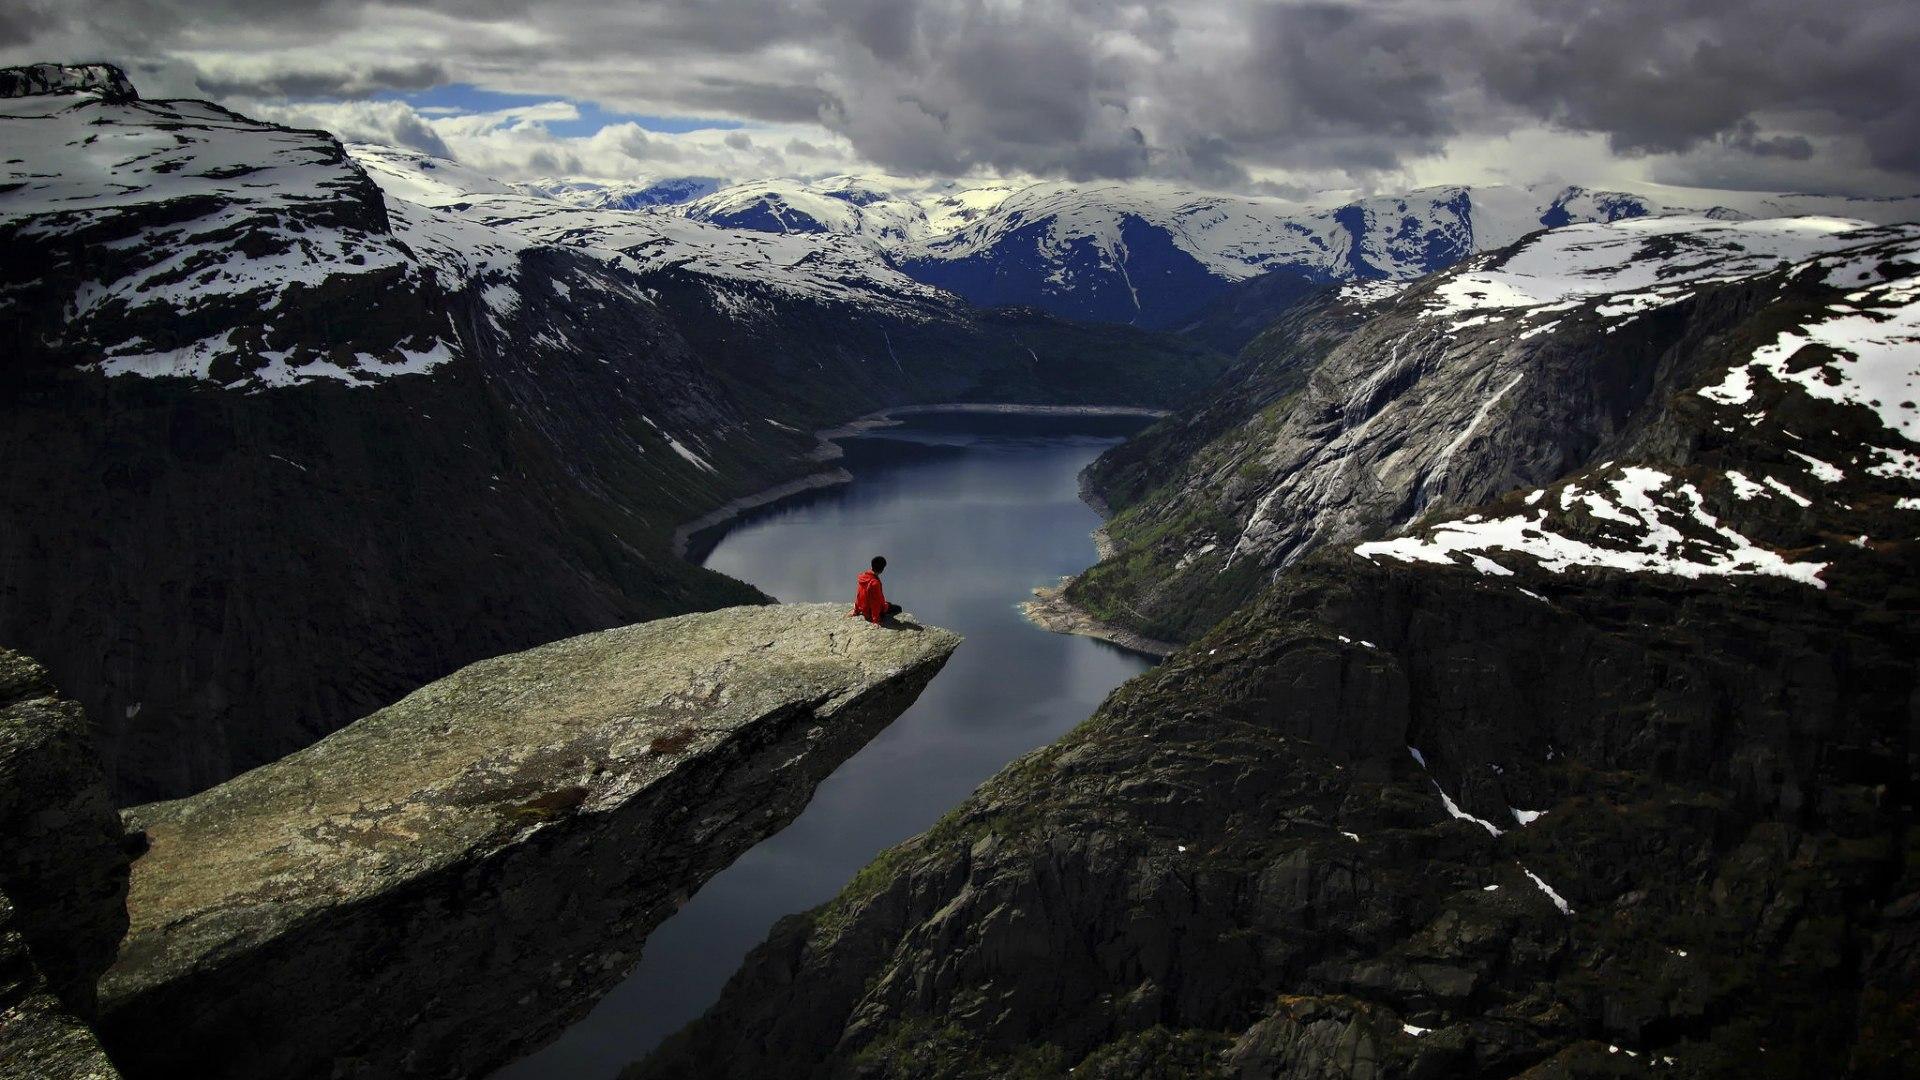 best scenery in the world wallpaper